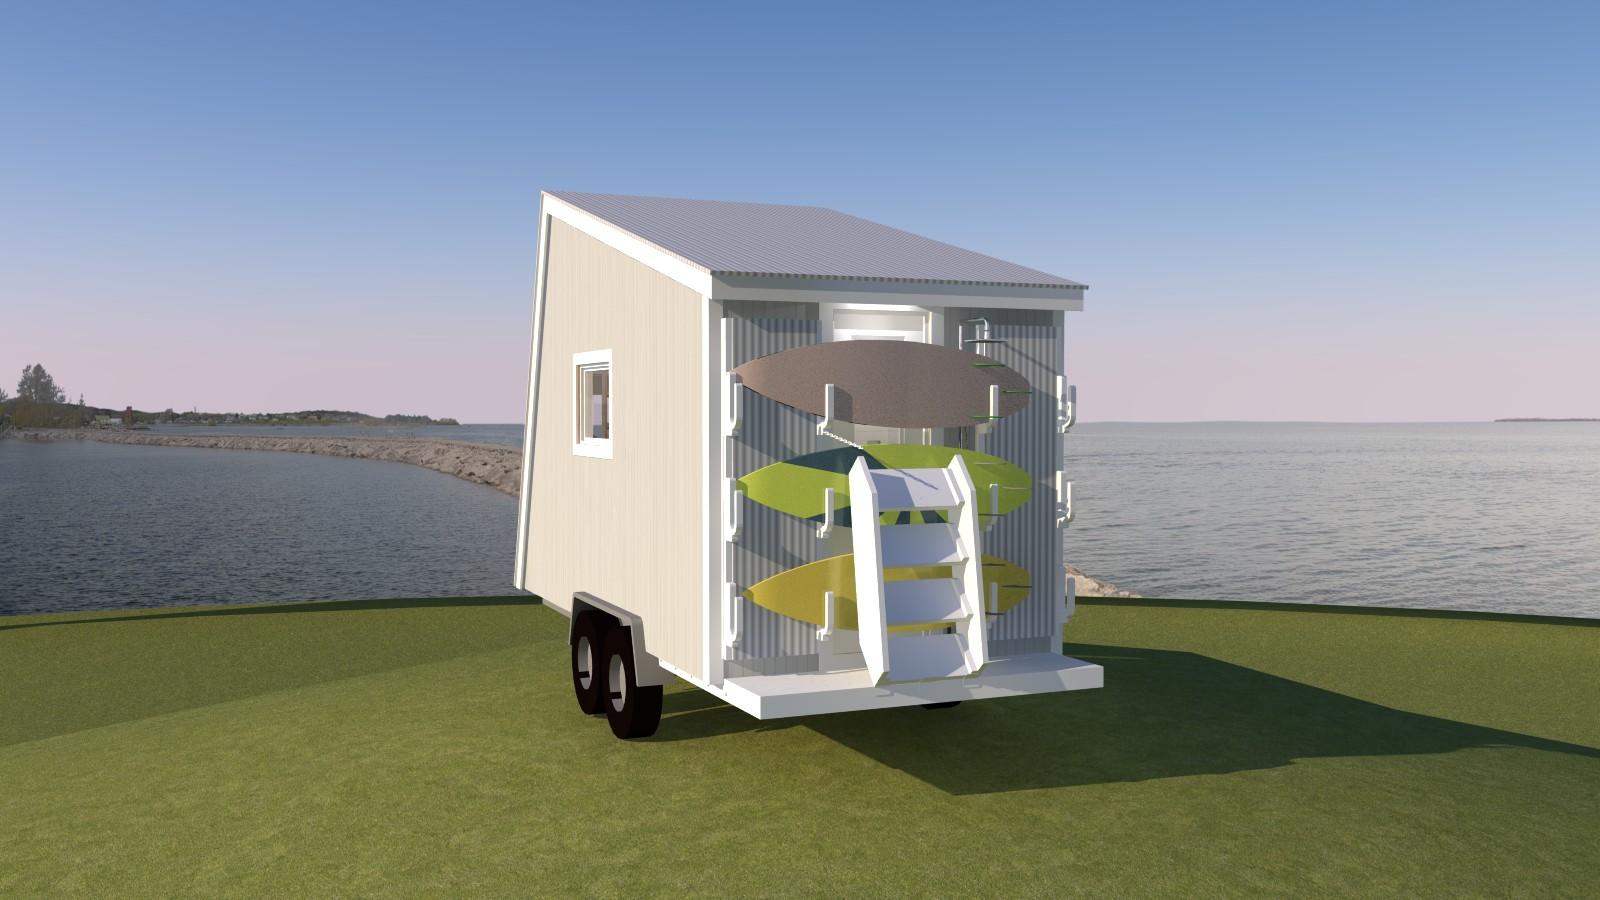 Anchor Bay 16 Tiny House - Privacy Wall Closed